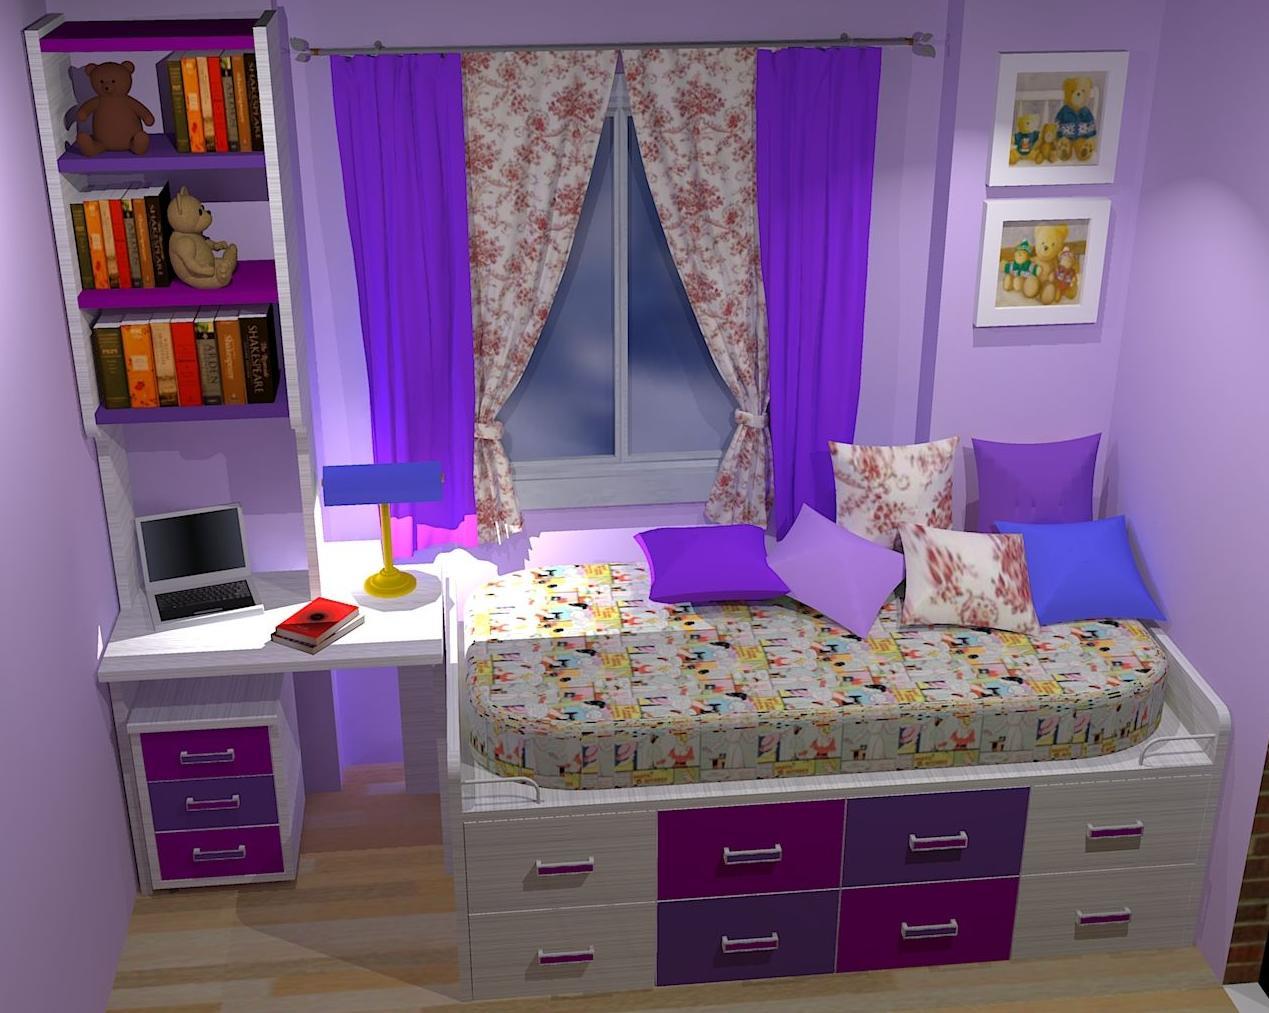 Dormitorio juvenil arena combinado con mora catalogo de muebles san francisco - Muebles san francisco ...